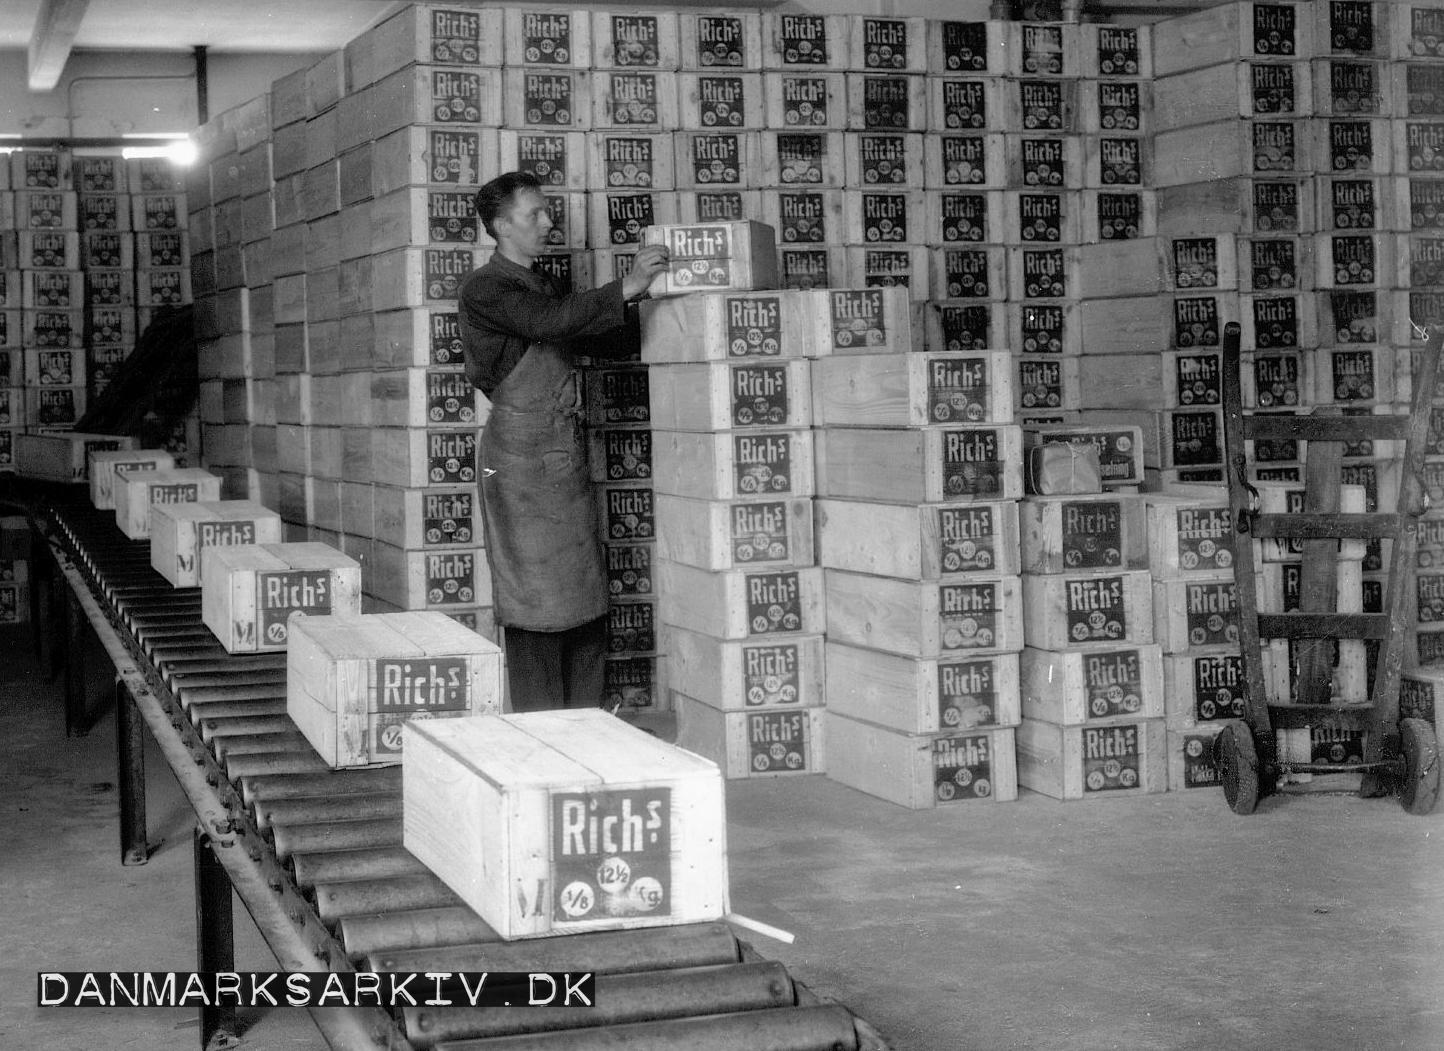 Rich's Kaffeerstatning på De Danske Cichoriefabrikkers lager - 1927